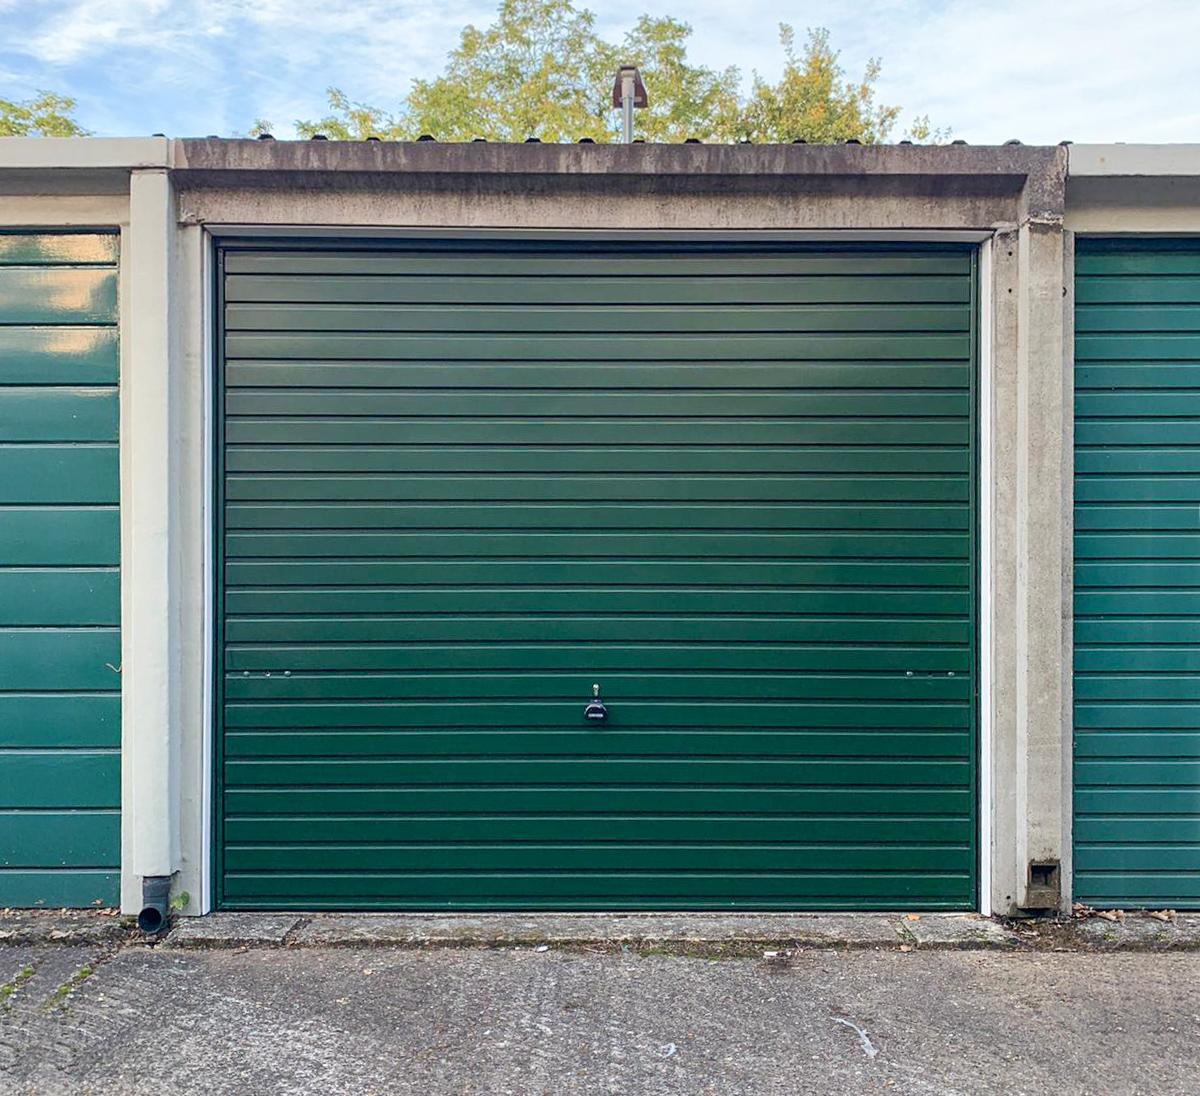 This Garador Steel Up & Over Garage Door Finished in Fir Green